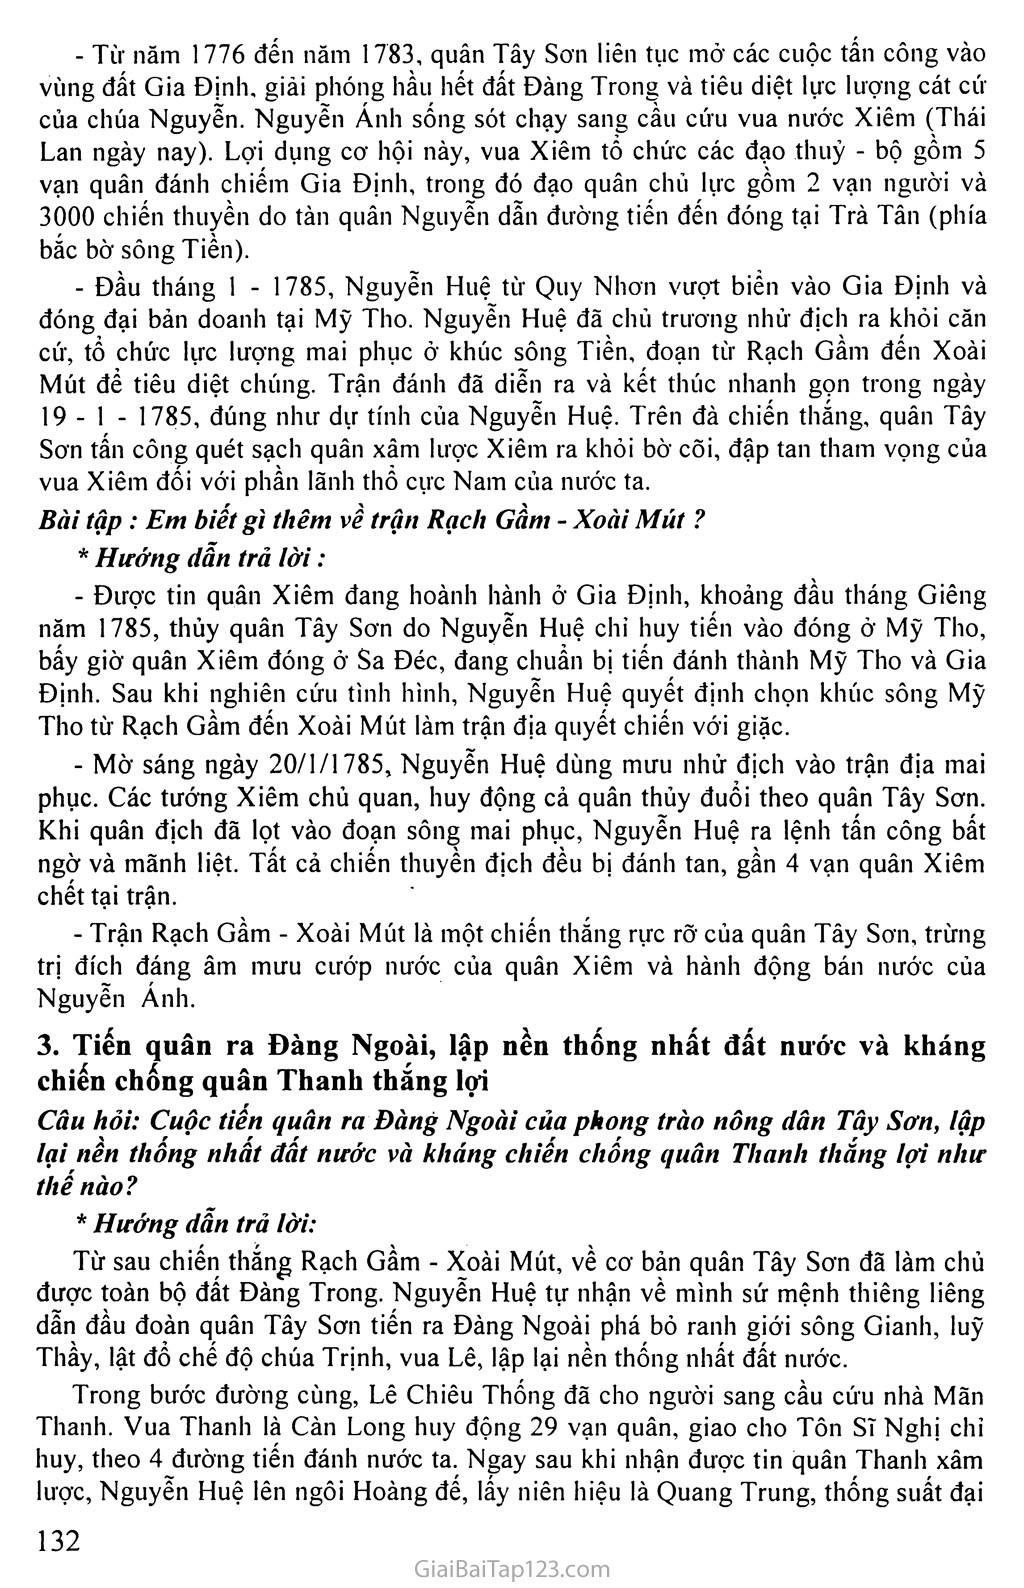 Bài 37: Khởi nghĩa nông dân Đàng Trong và phong trào Tây Sơn trang 2